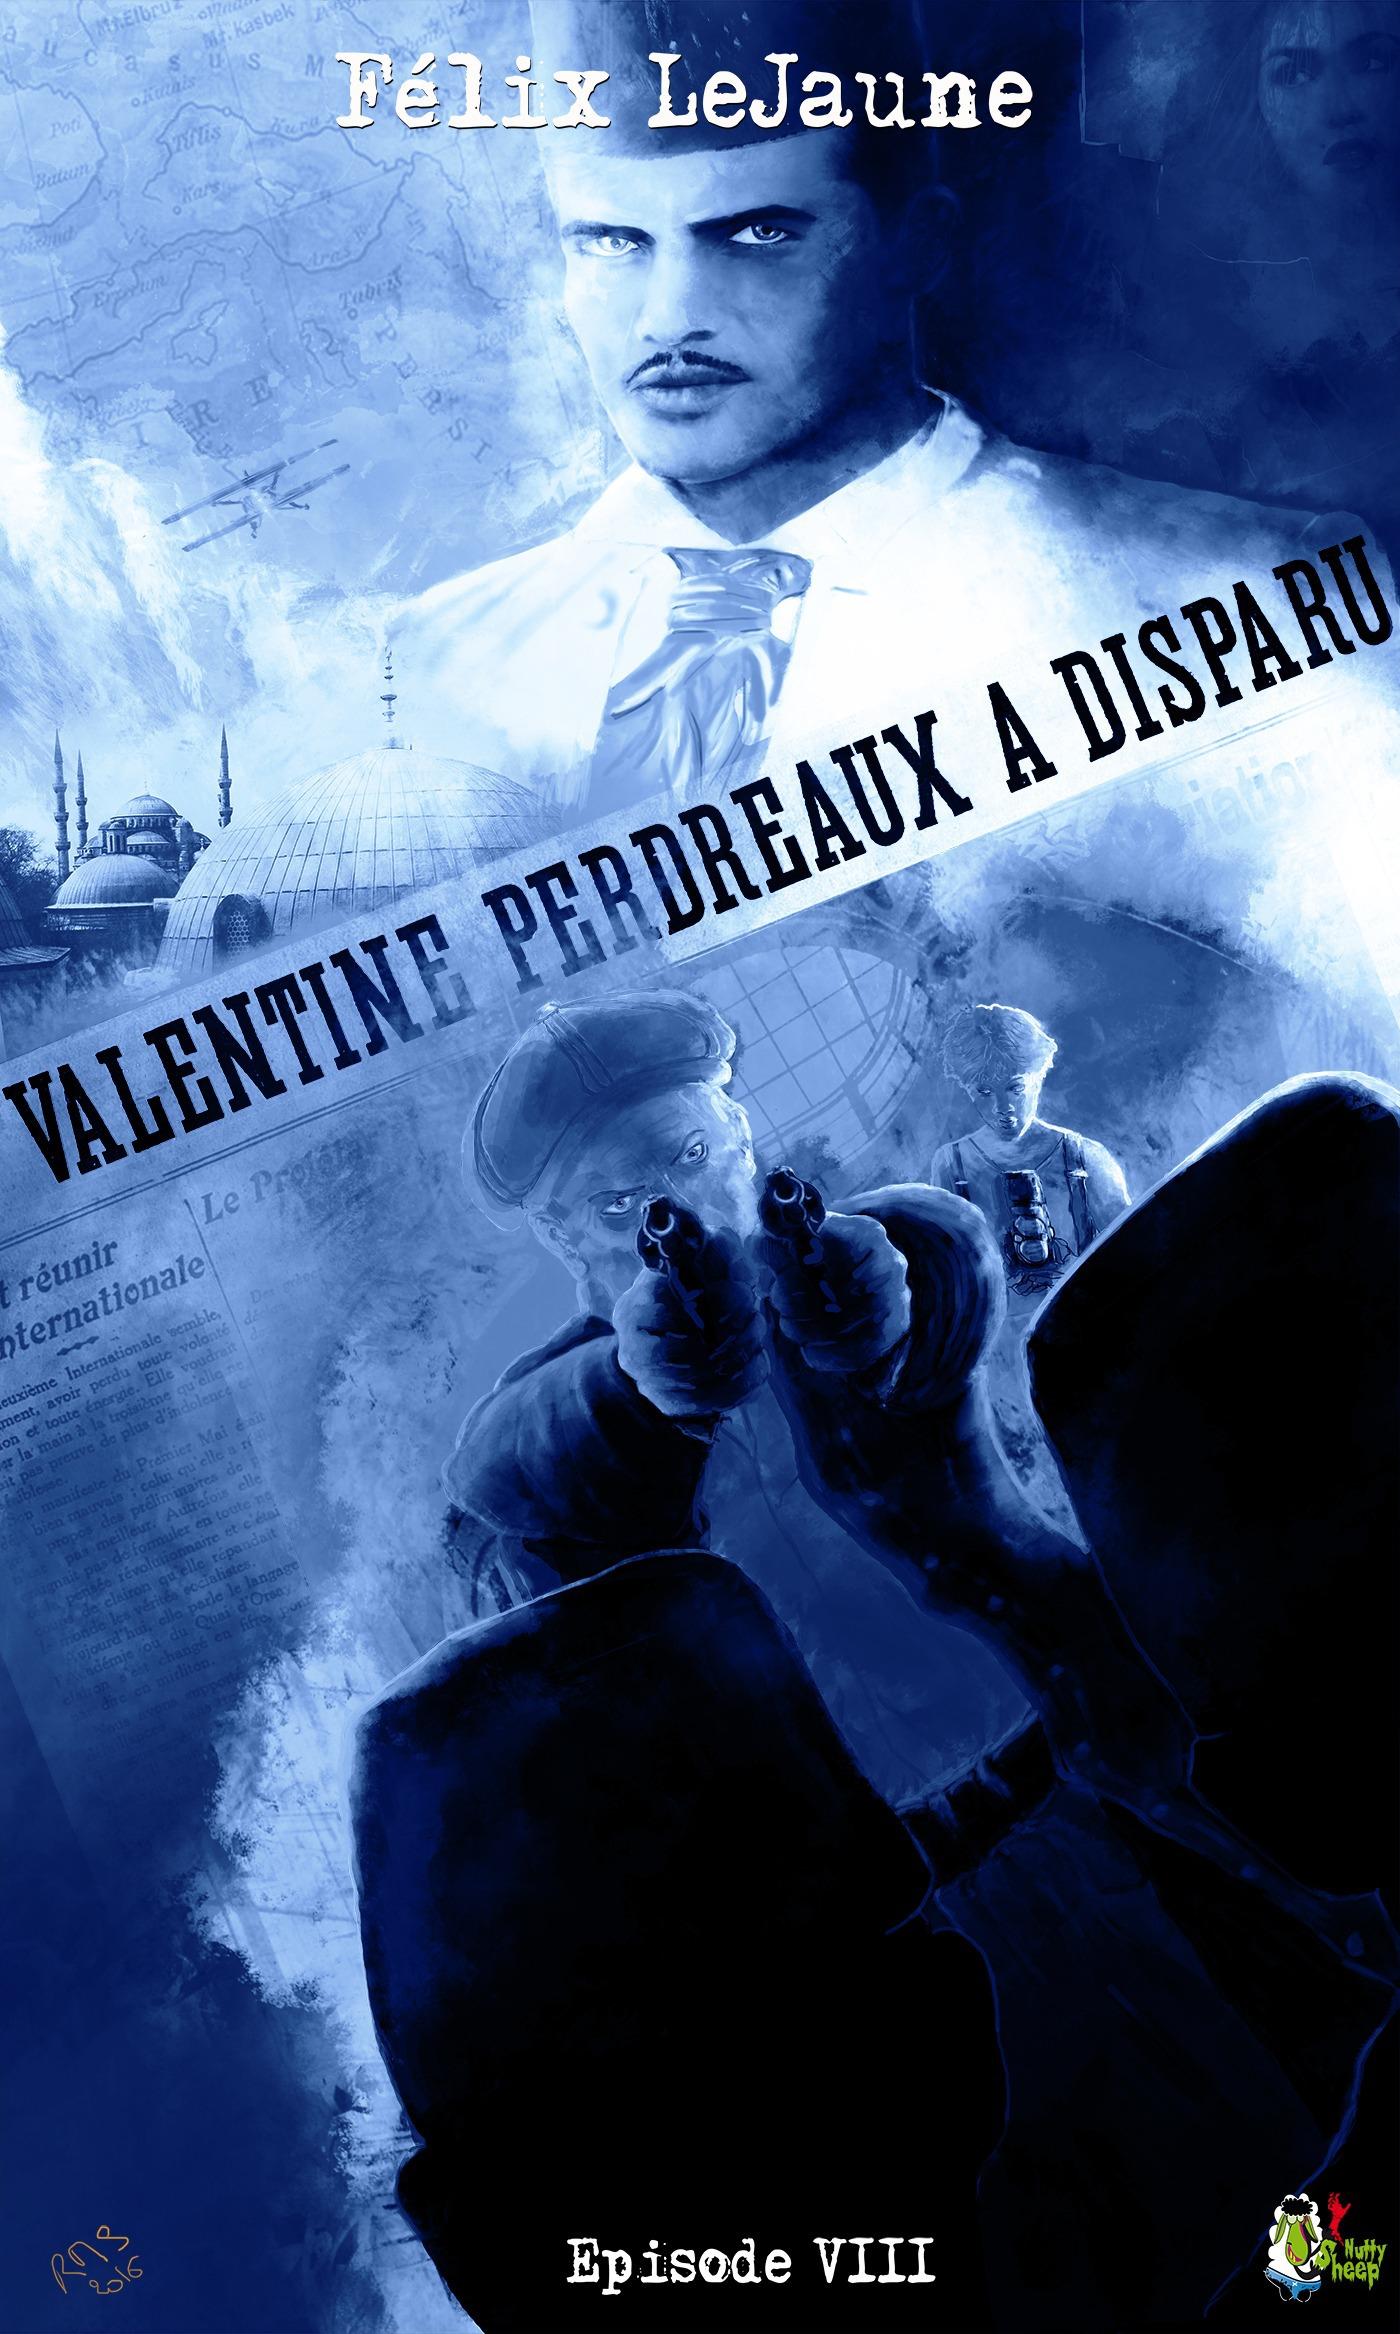 Valentine Perdreaux a disparu, Épisode 8